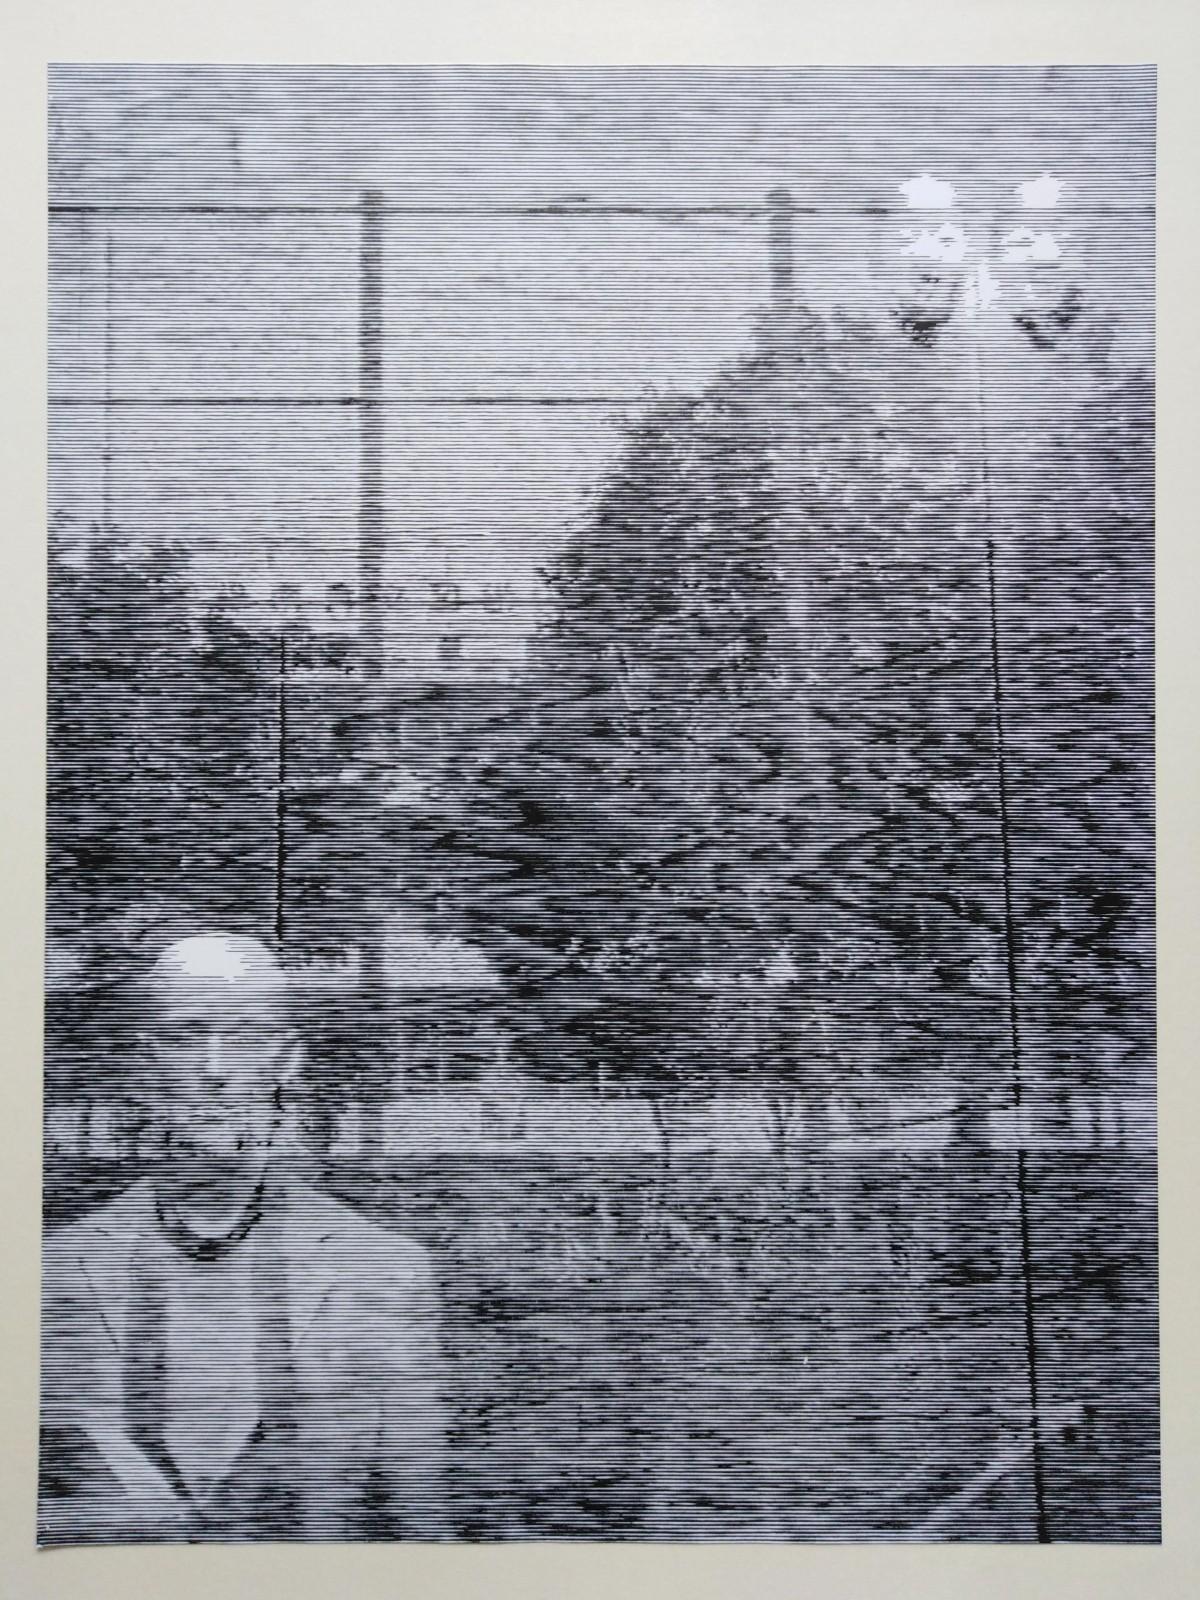 Katsutoshi Yuasa - Snapshot #4, Holzschnitt, 2008 kopen? Bied vanaf 100!